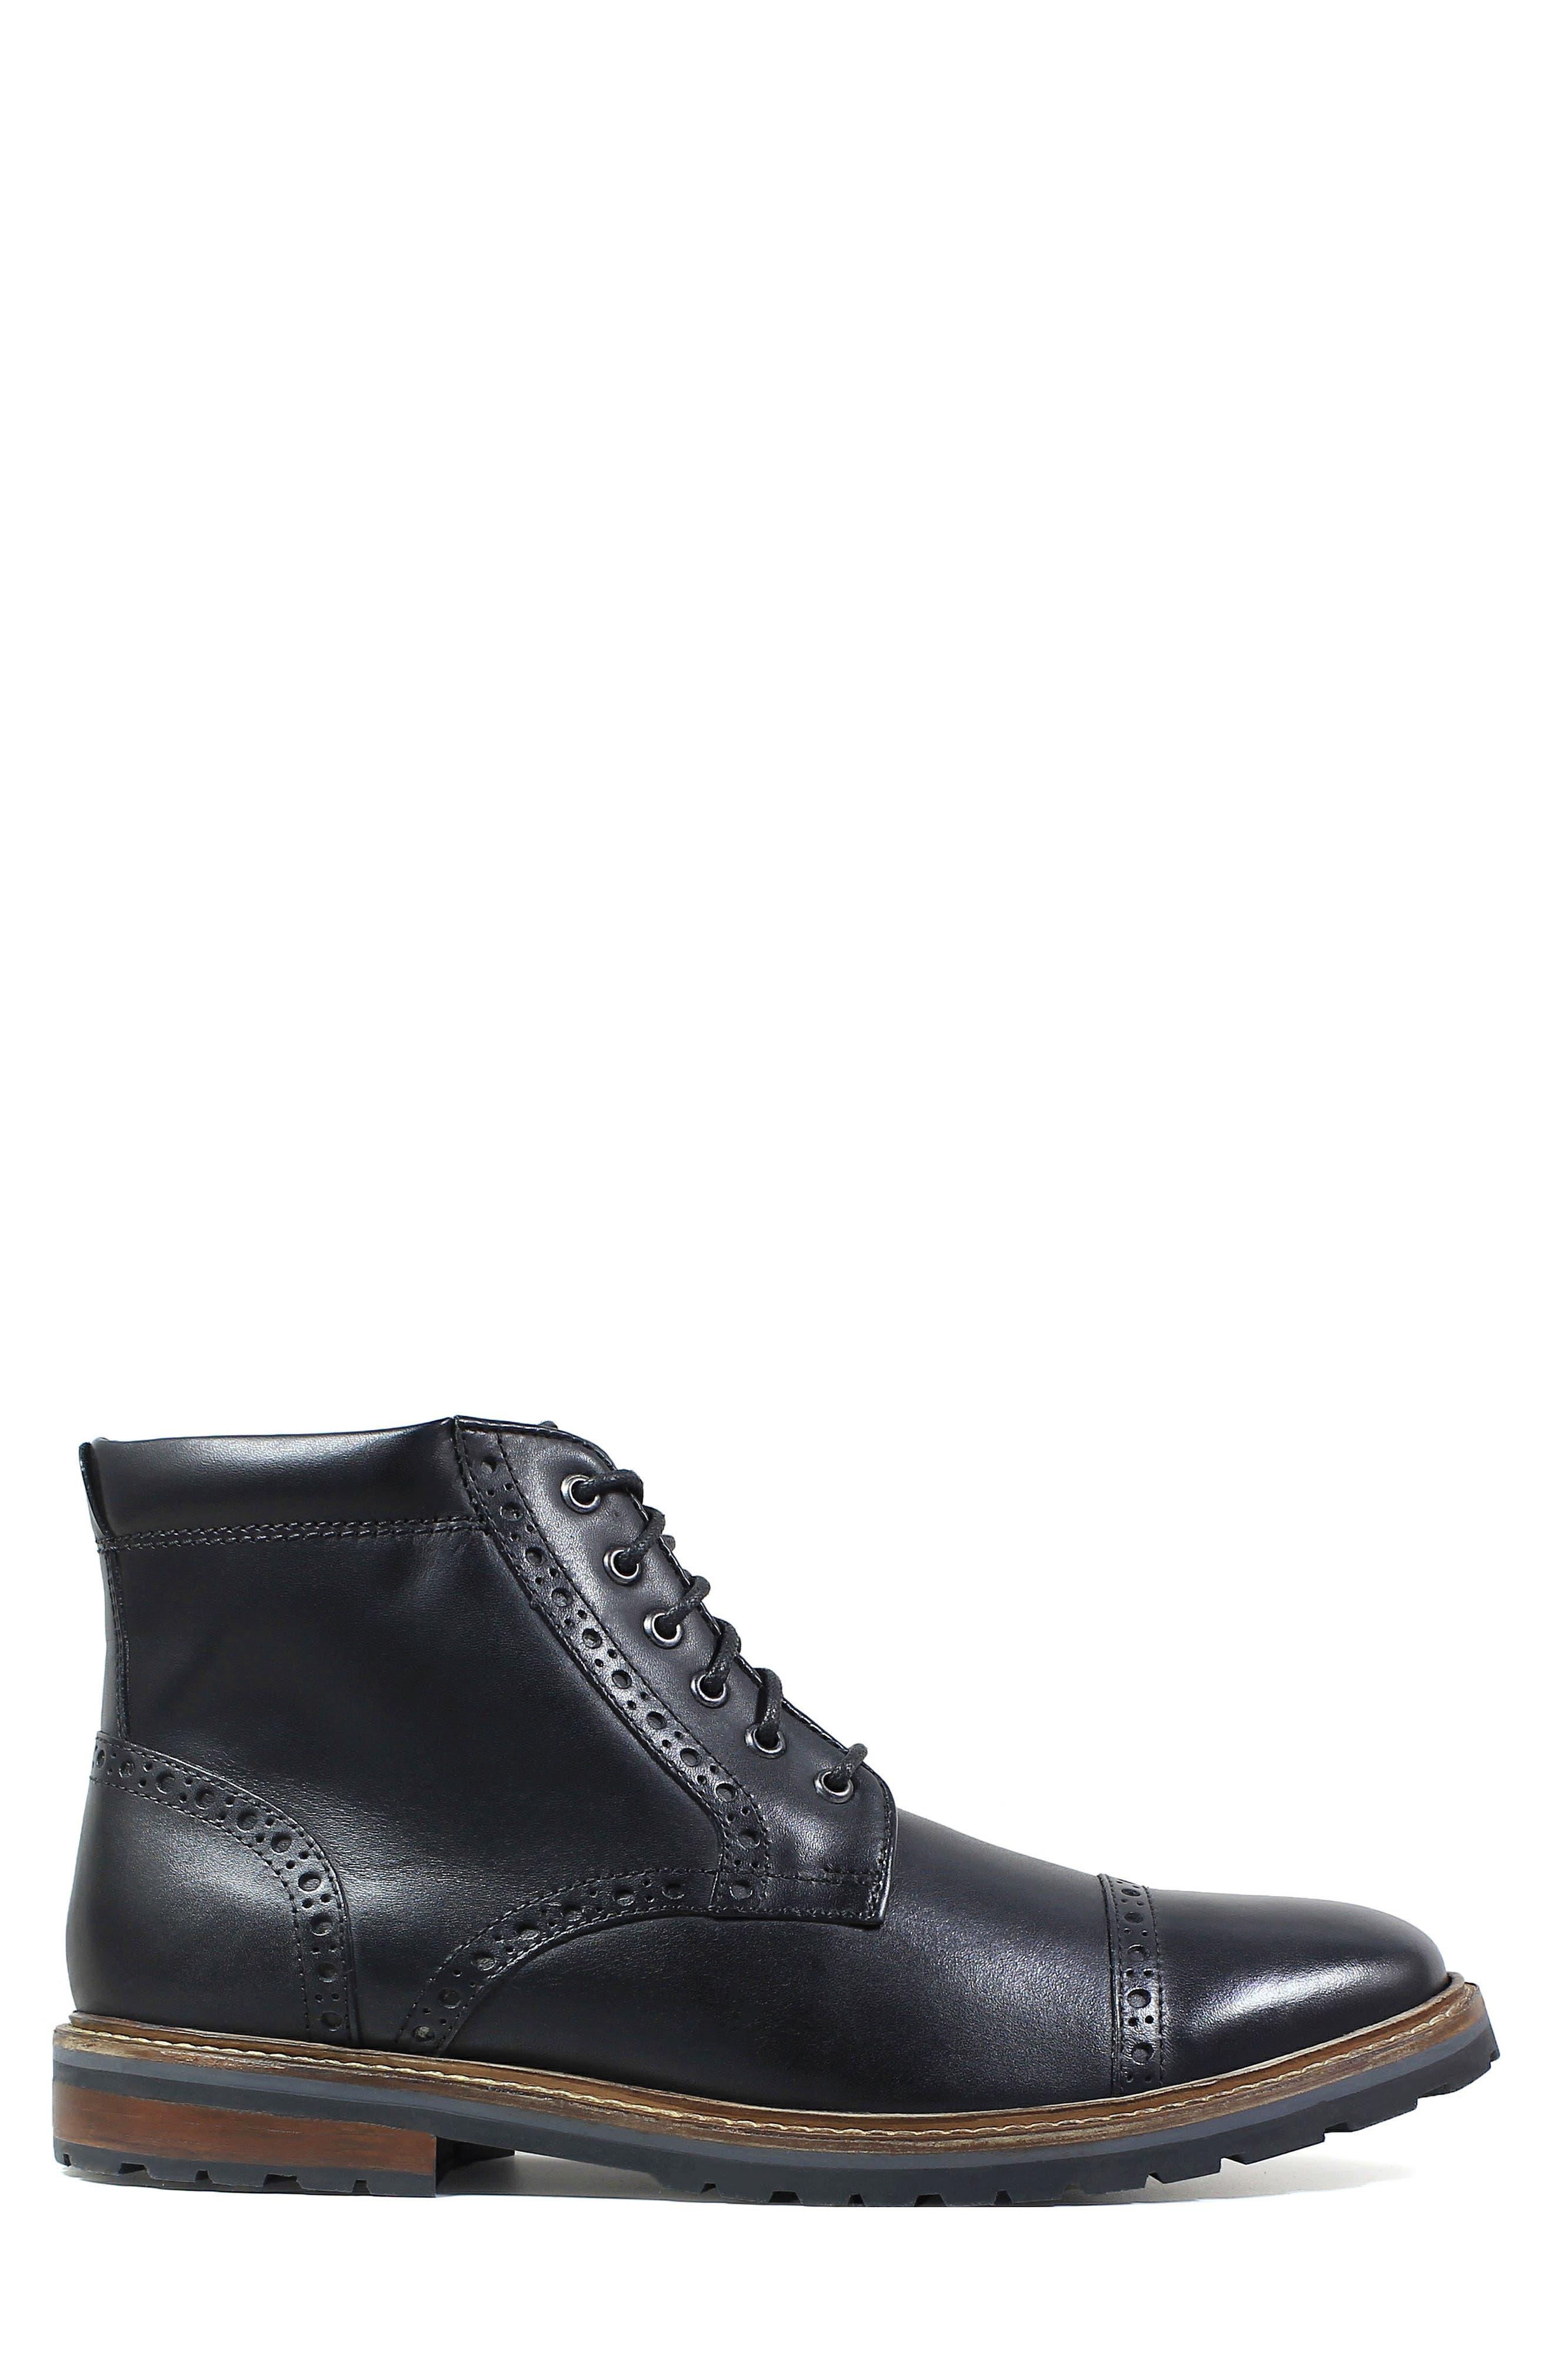 FLORSHEIM,                             Estabrook Cap Toe Boot,                             Alternate thumbnail 3, color,                             BLACK LEATHER